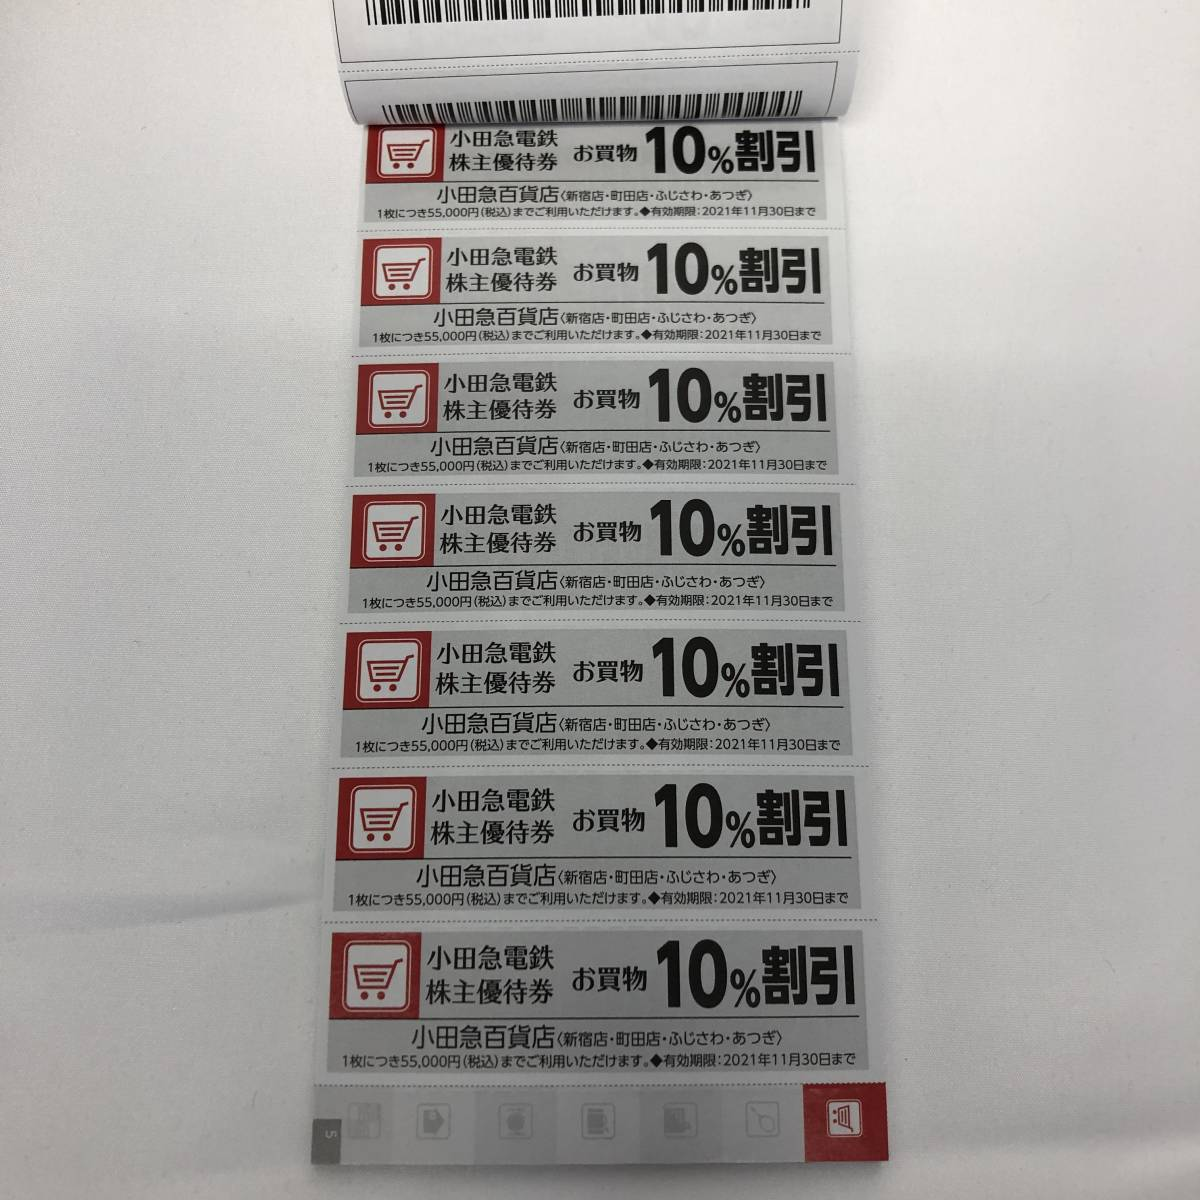 【975192】小田急電鉄 株主優待 冊子 2021年11月30日まで_画像6